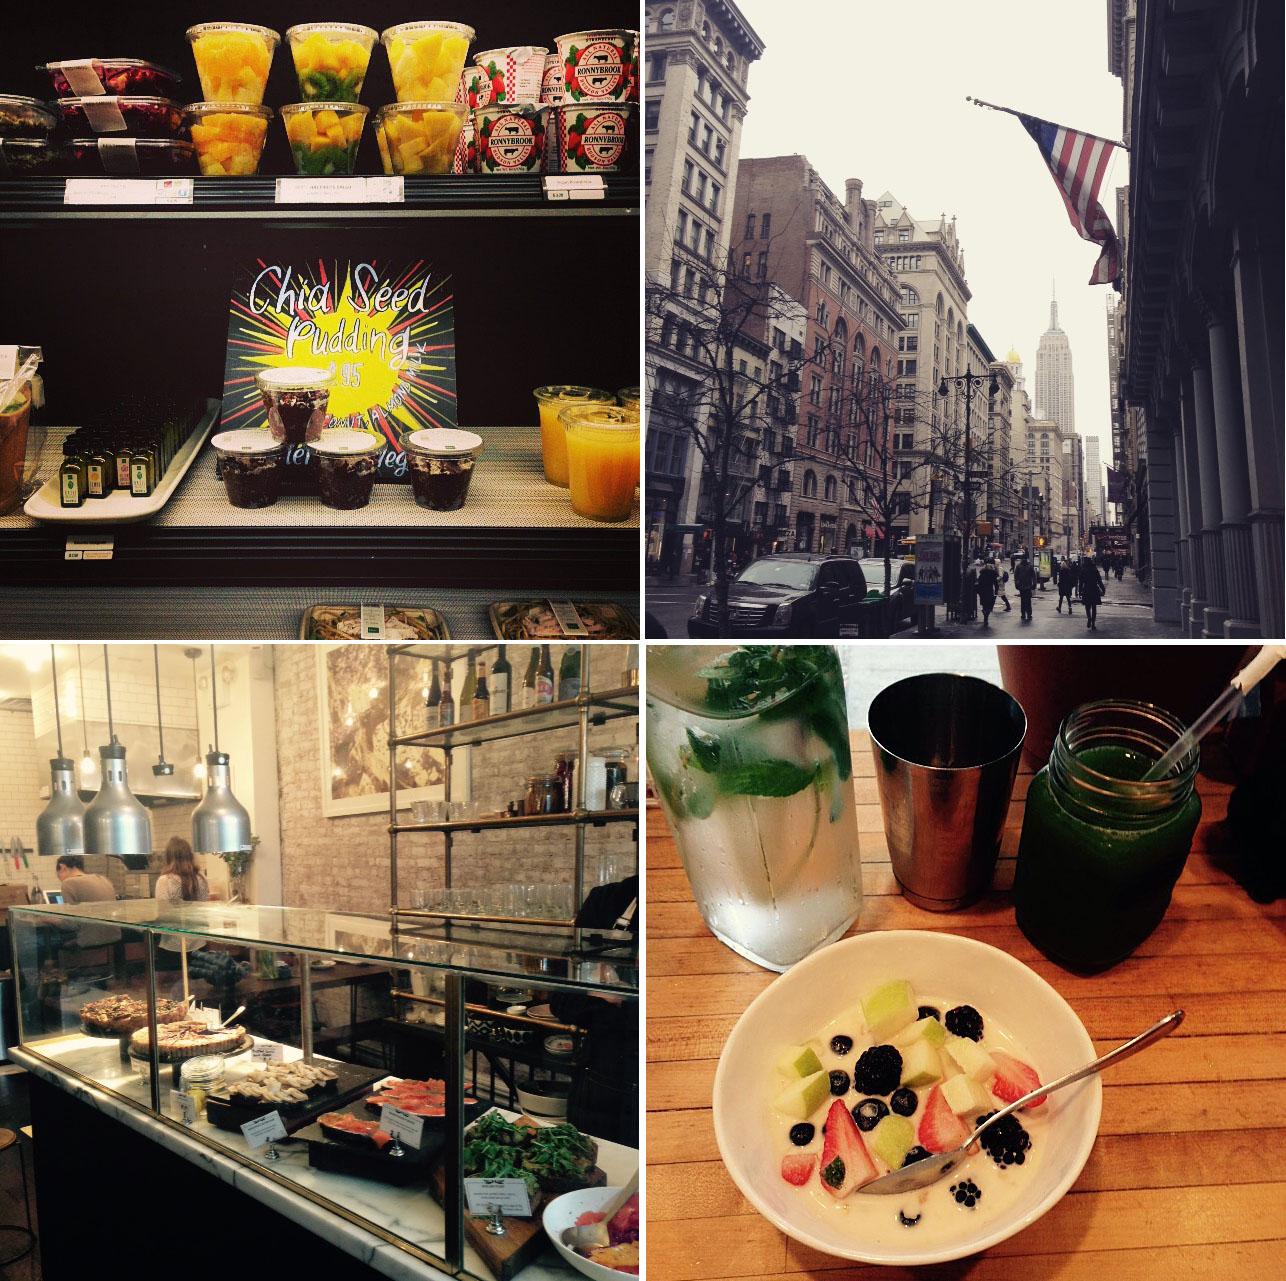 Gesund essen in NYC, Restaurants & Cafés die sich lohnen - Carrots for Claire